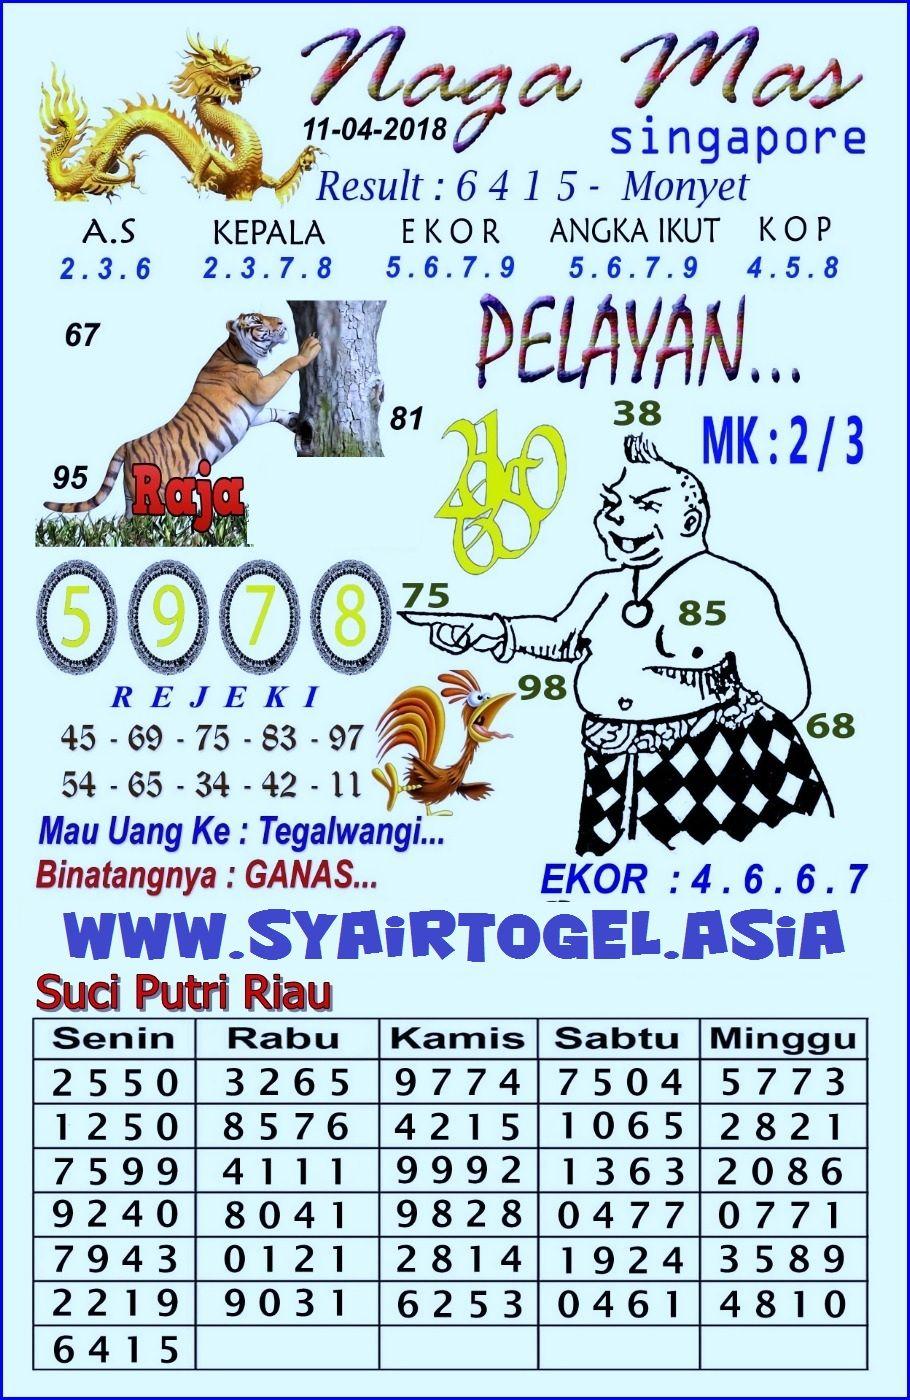 Syair Togel Singapore Sgp Gambar Syair Togel Singapore Sgp Seni Tradisional Binatang Seni